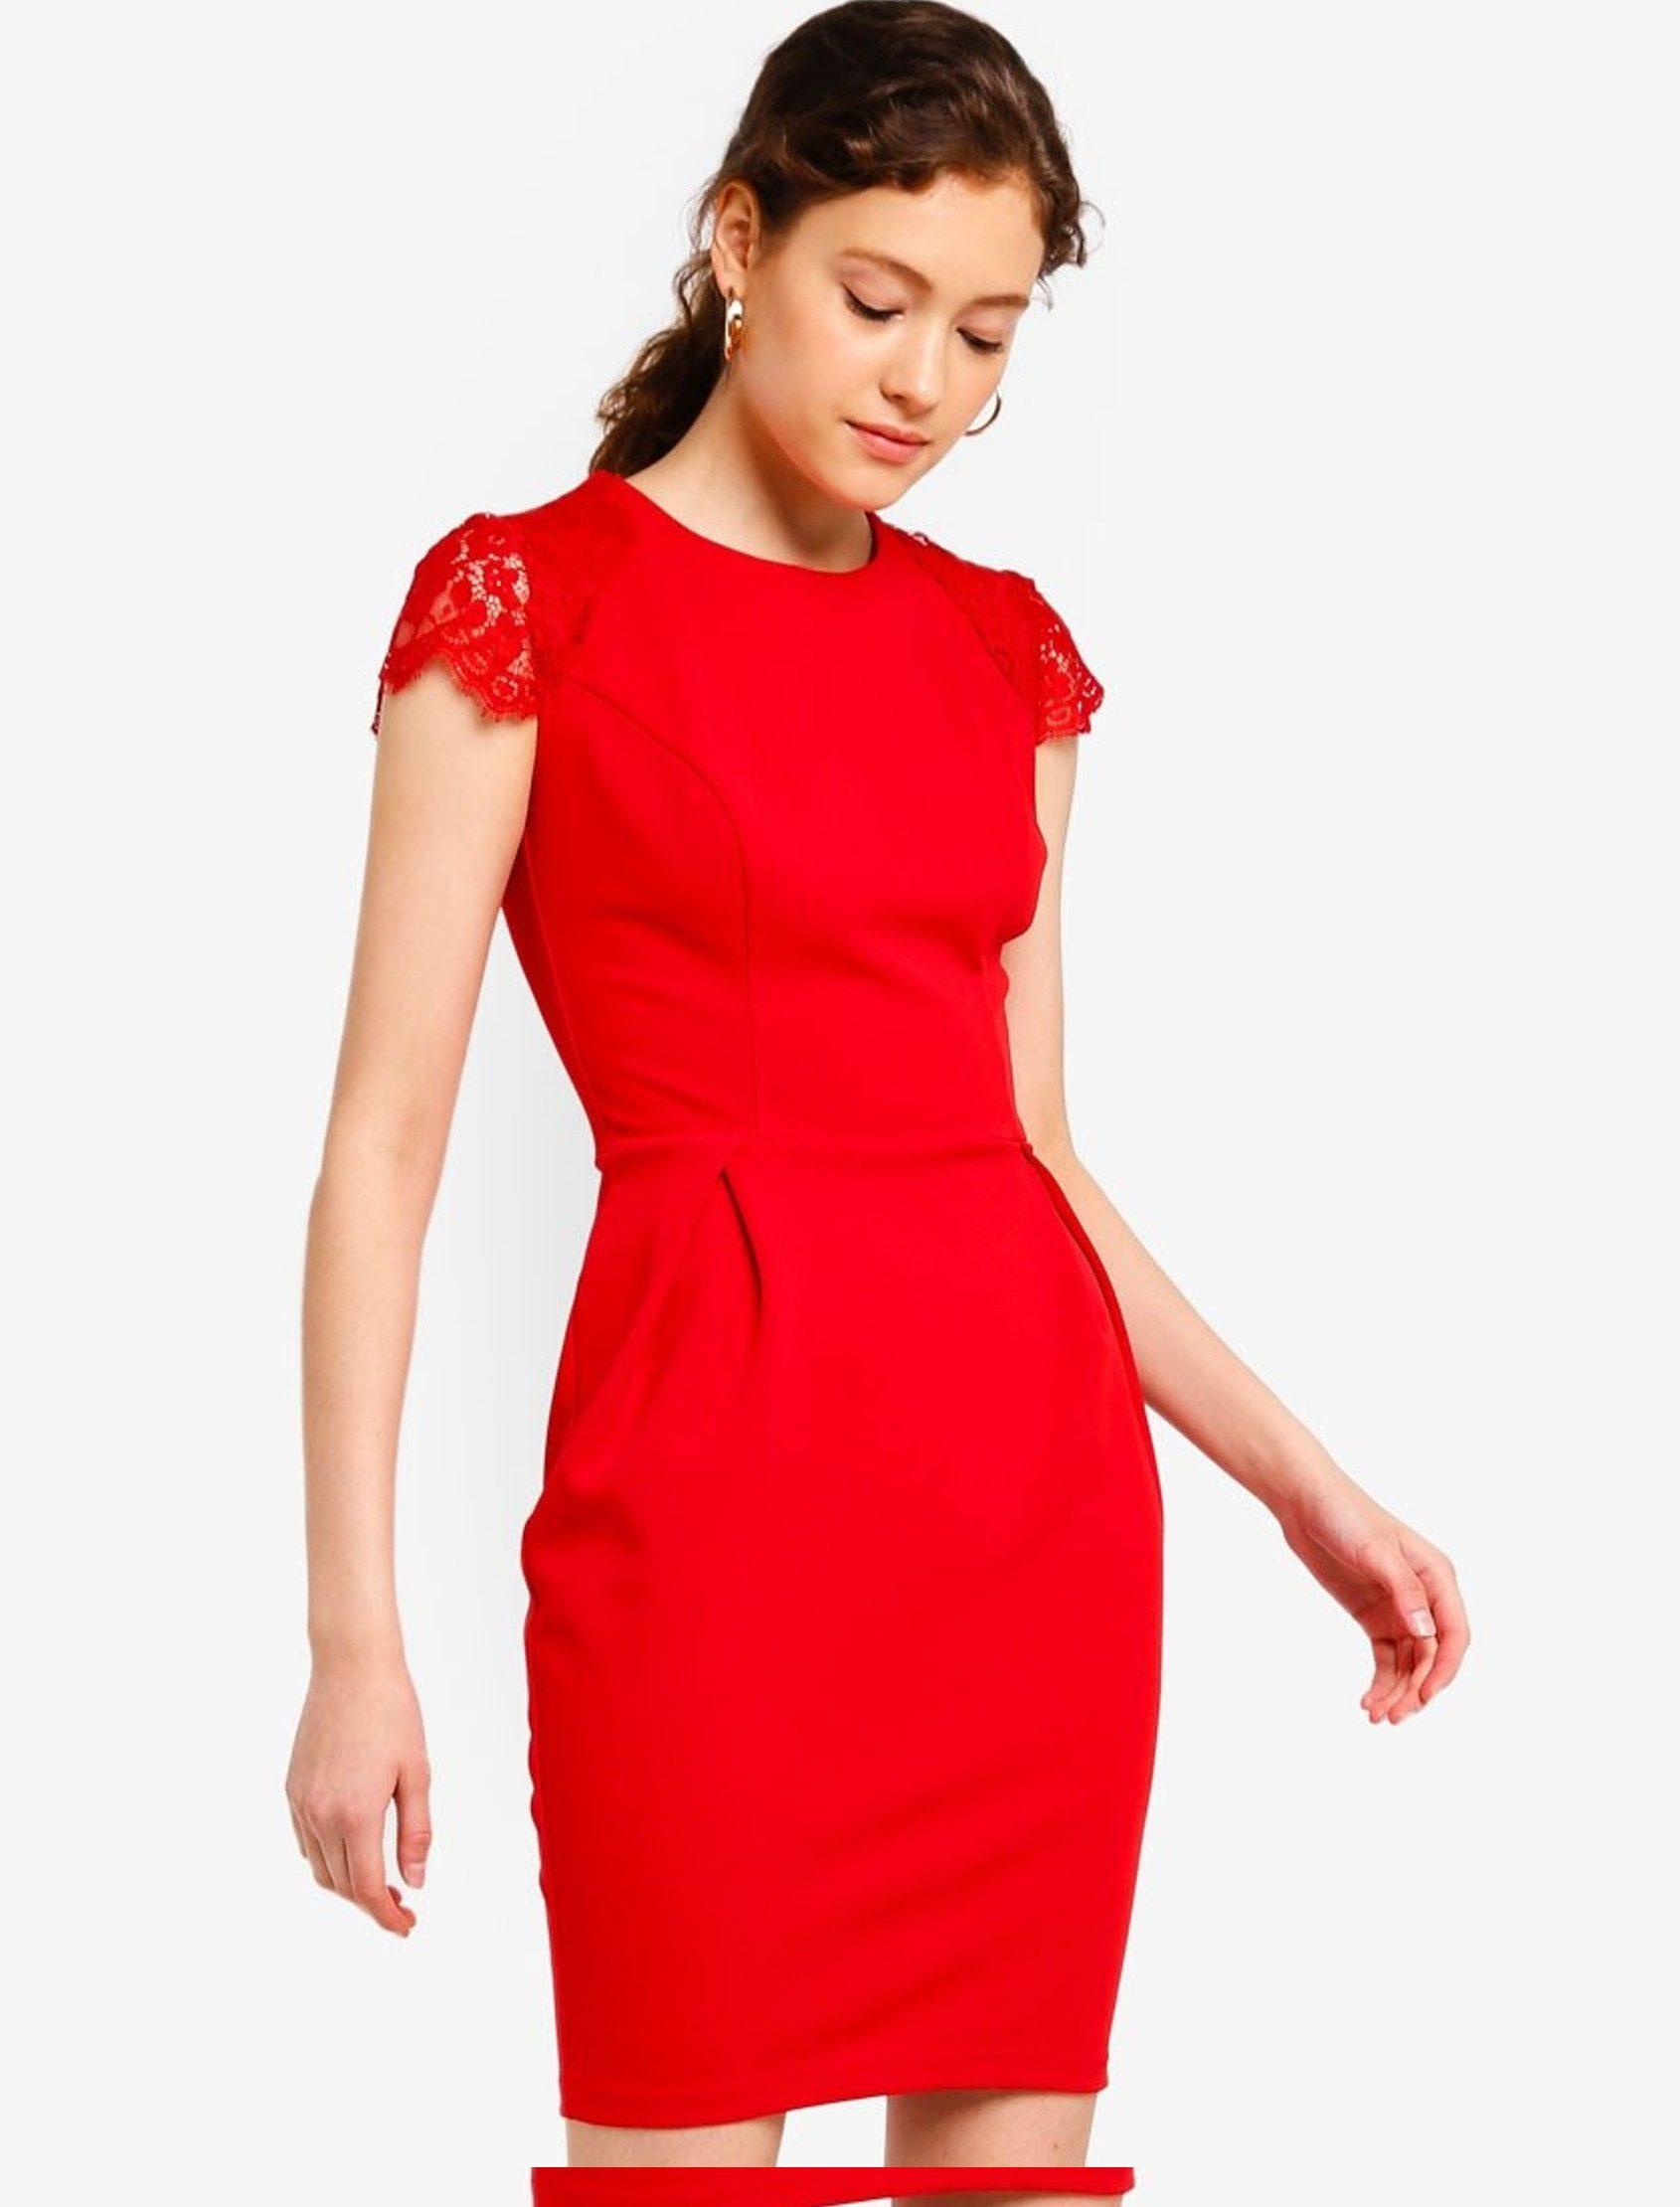 Vestido con encajes en los hombros, ajustado a tu cintura, crea una bonita silueta gracias a los pliegues que tiene en la falda.